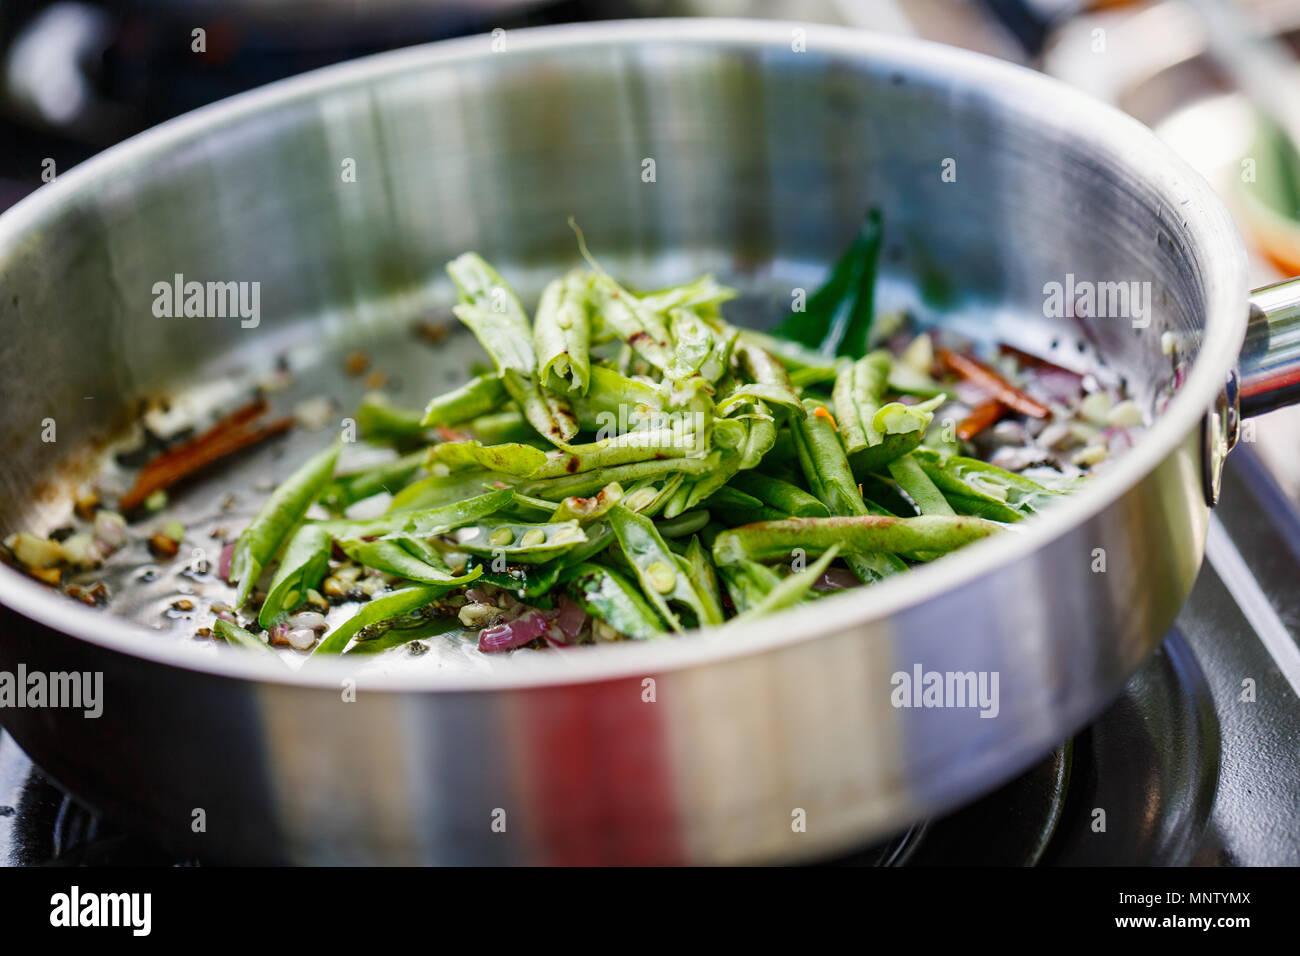 Preparazione di tradizionali dello Sri Lanka il piatto con i fagiolini verdi a lezioni di cucina Immagini Stock